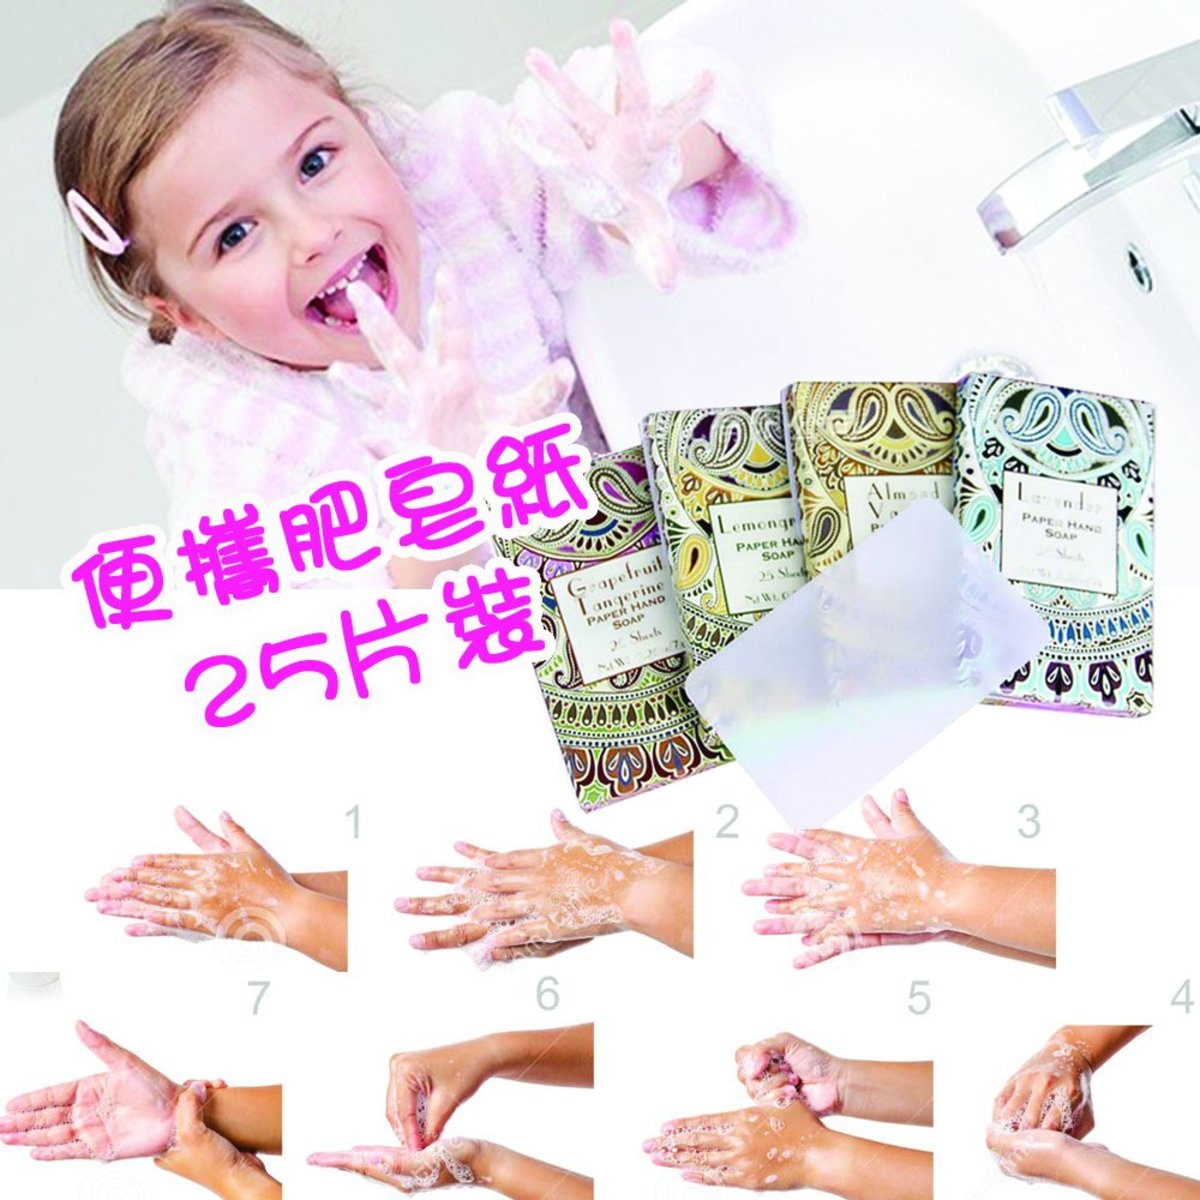 便攜肥皂纸 (杏仁香草味) -25片裝 (4盒裝)